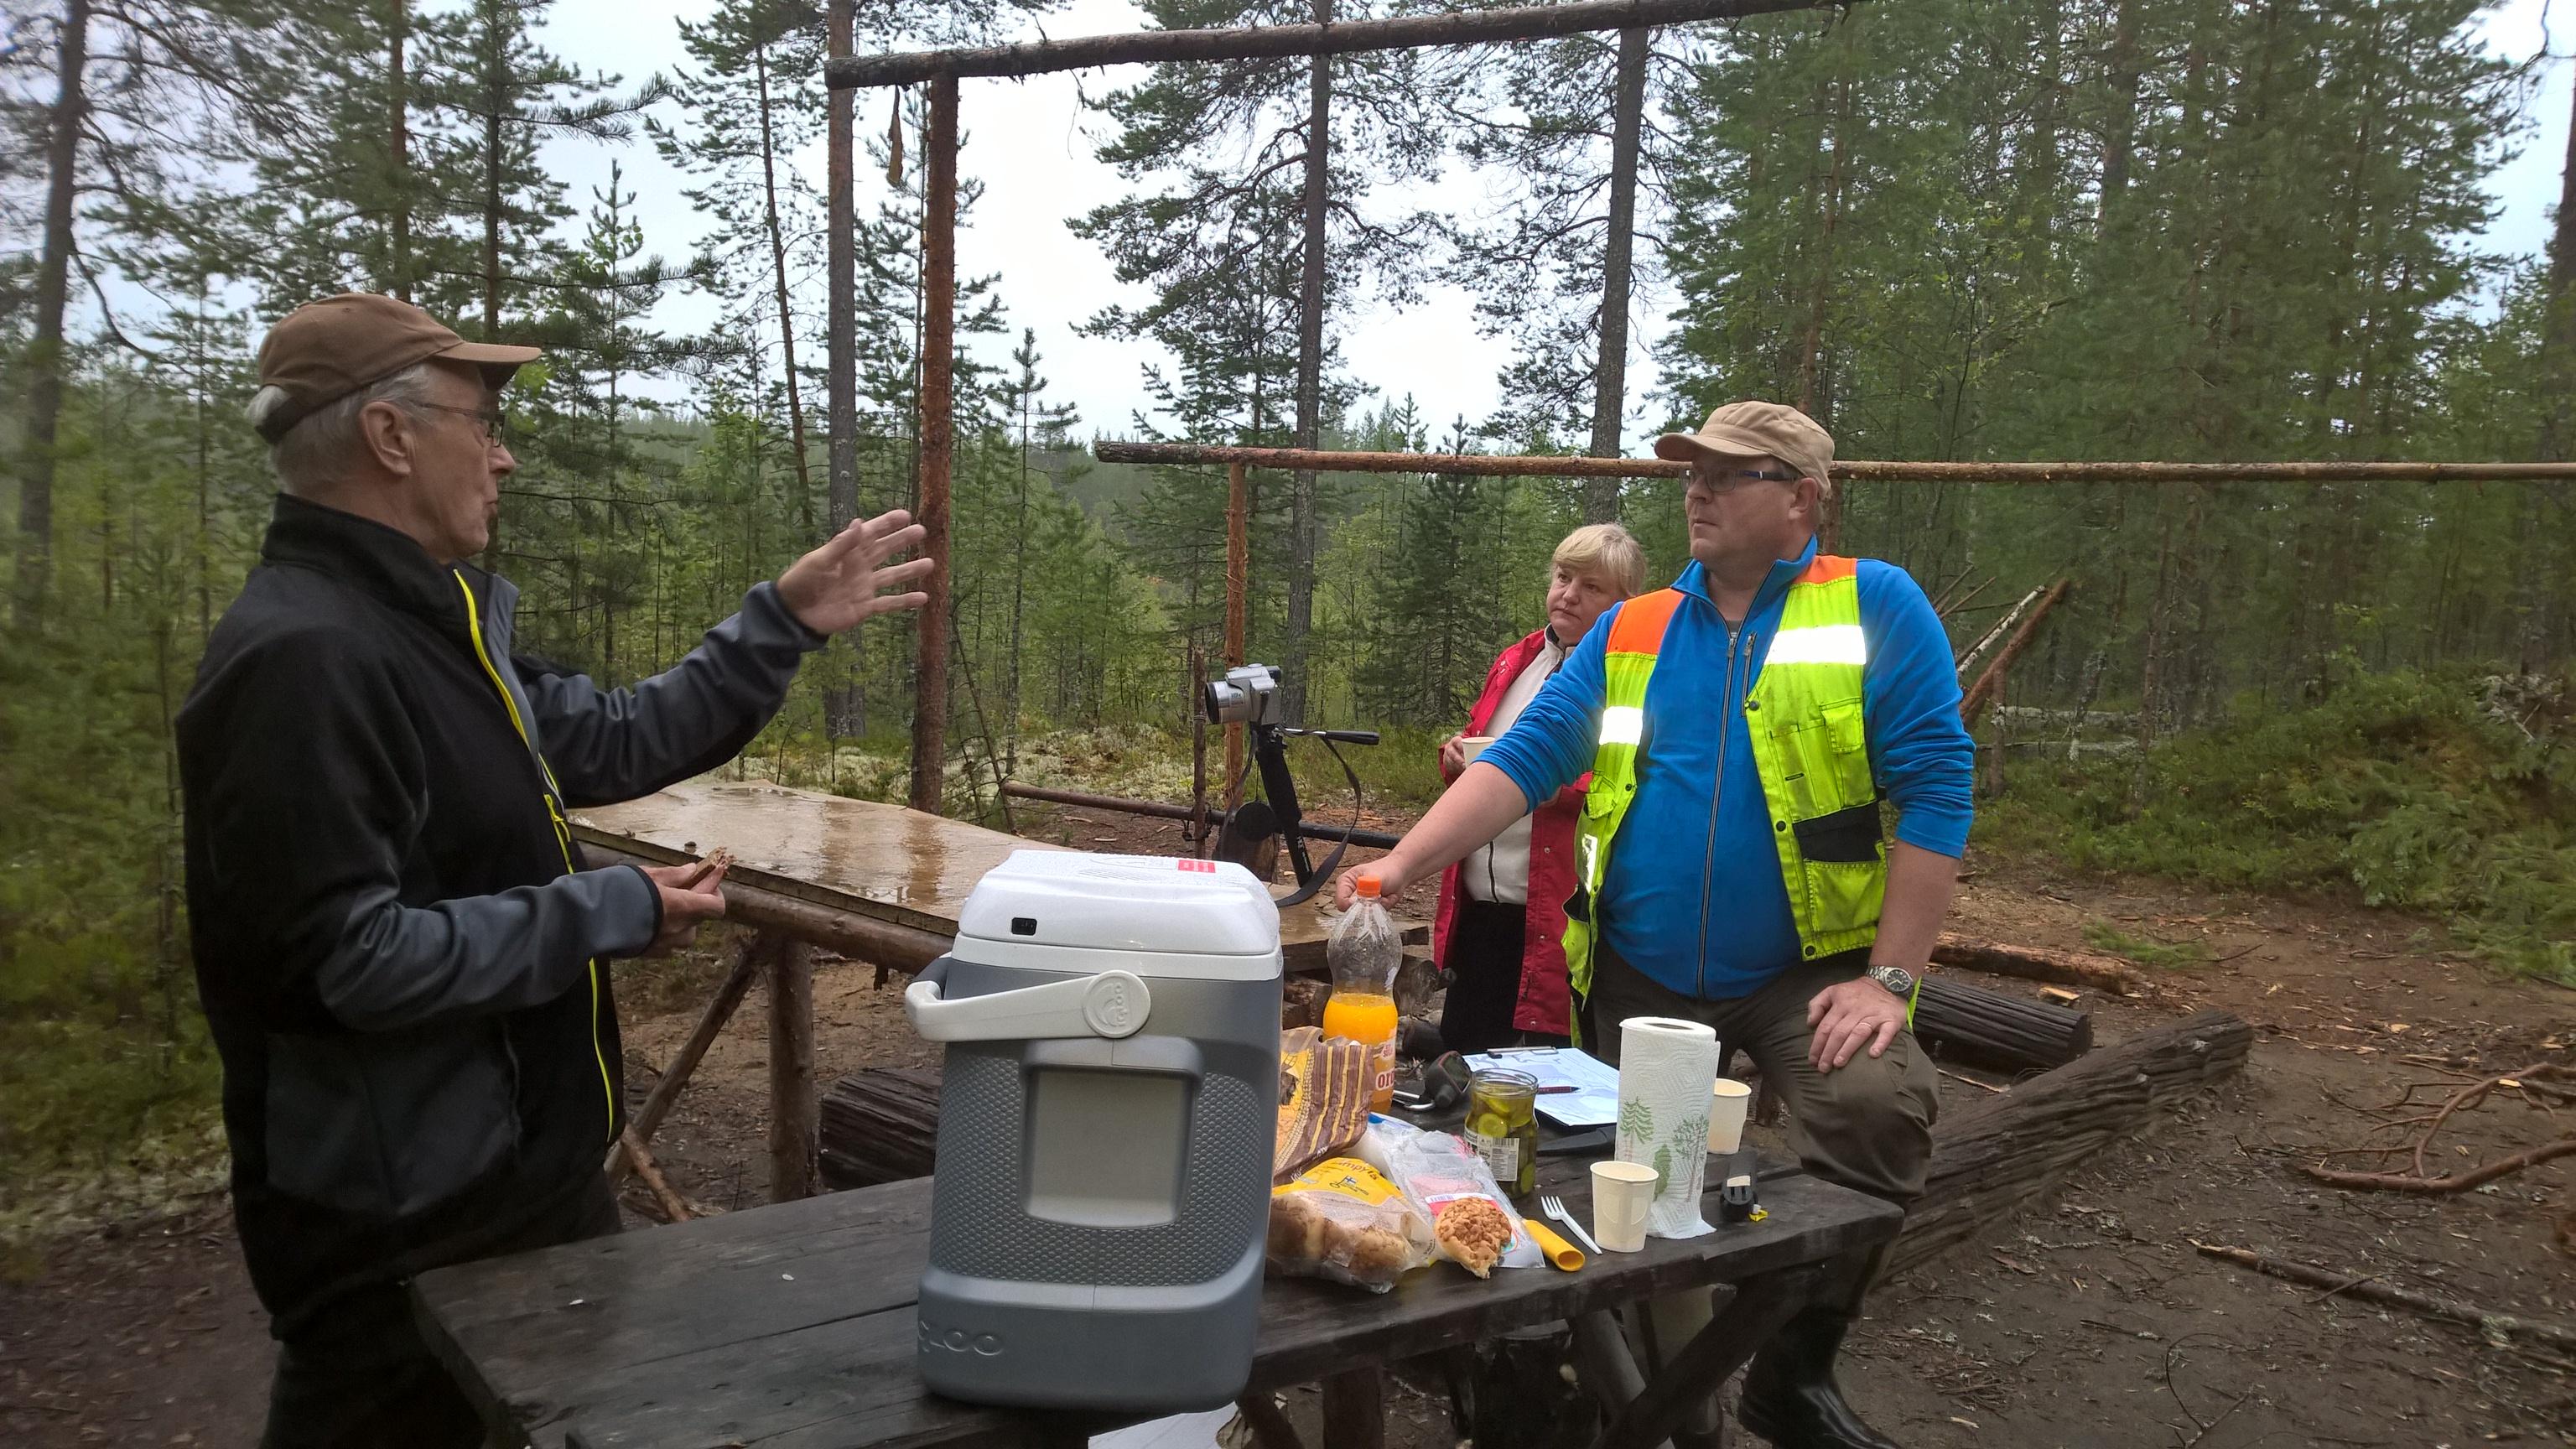 Rankka reissu, välillä ruokailutauko, Reijo Pulkkinen, Inna ja Jari Kärkkäinen. Kuva Tenho Tikkanen.